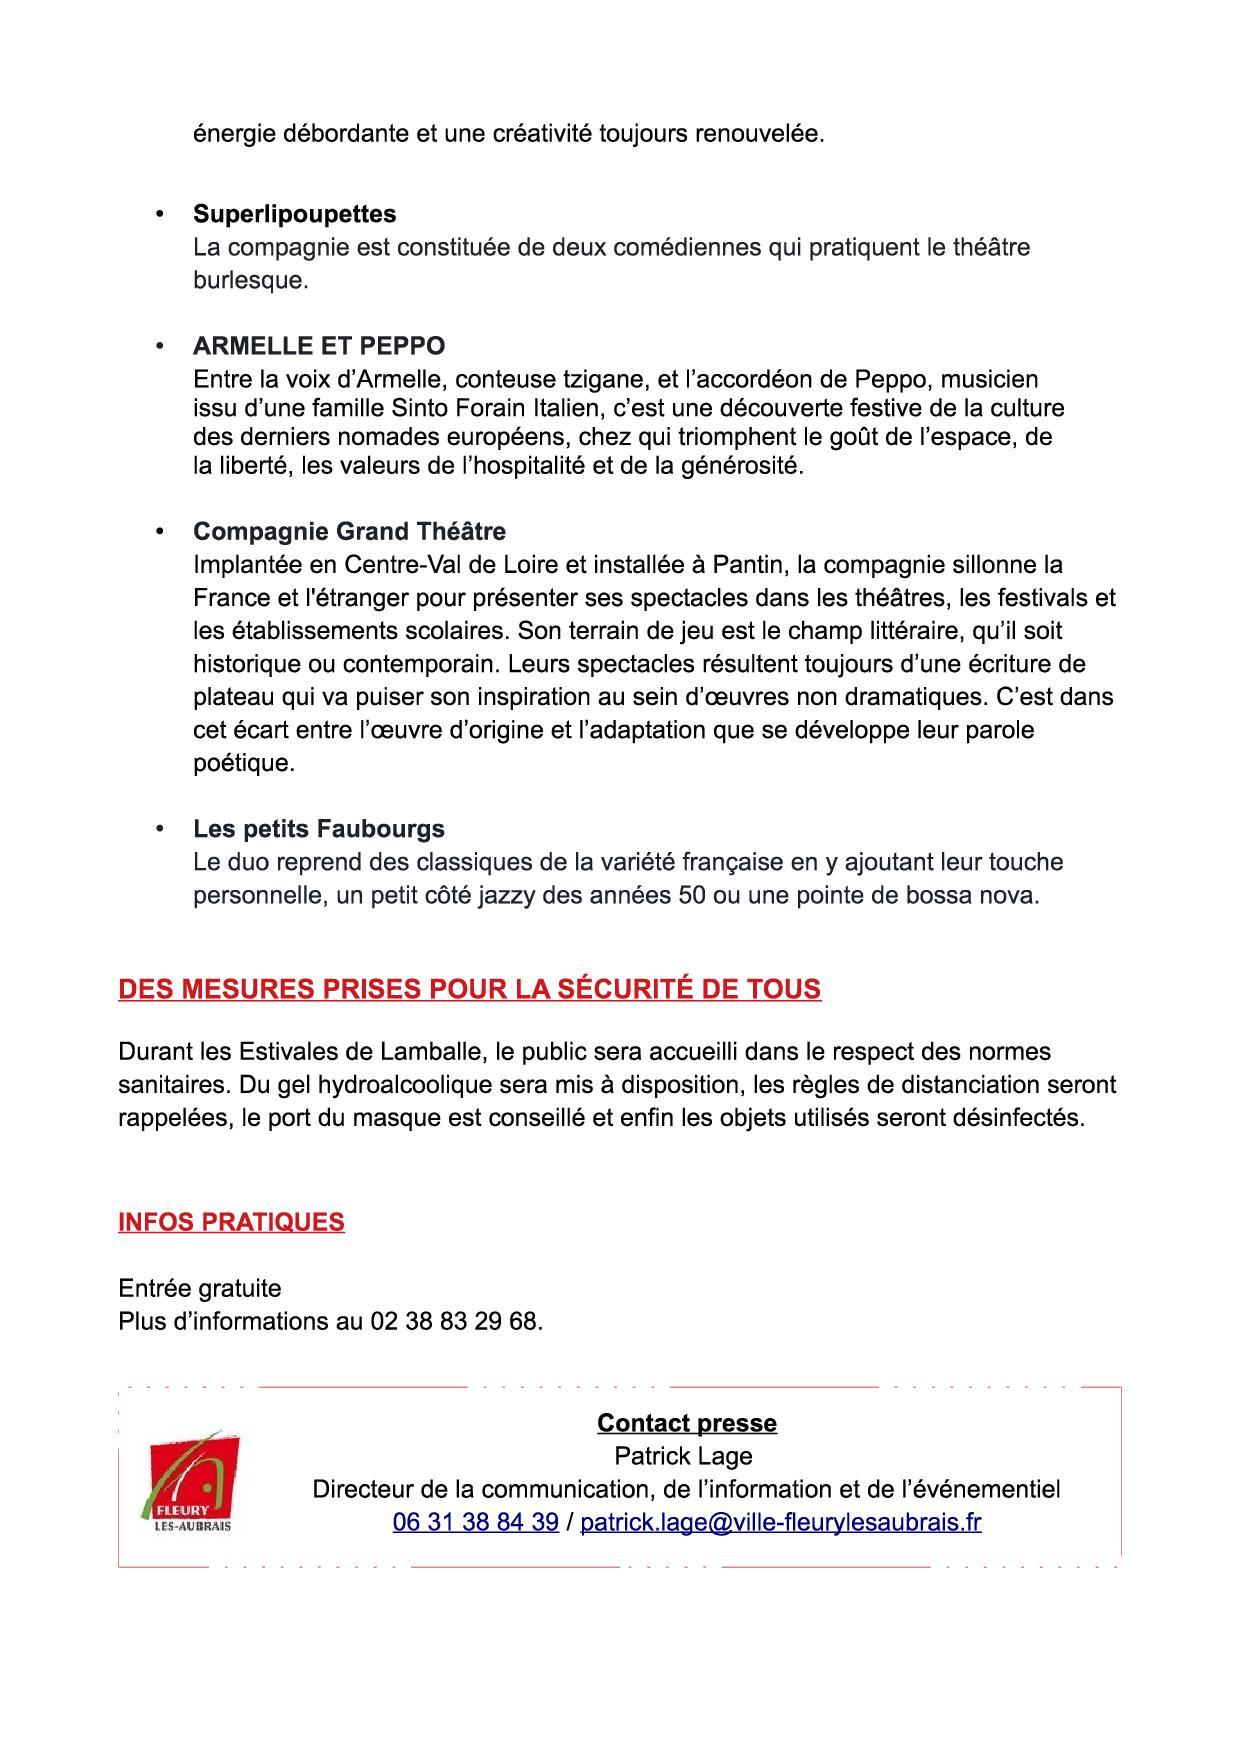 Dossier de presse - Les Estivales de Lamballe 20205.jpg